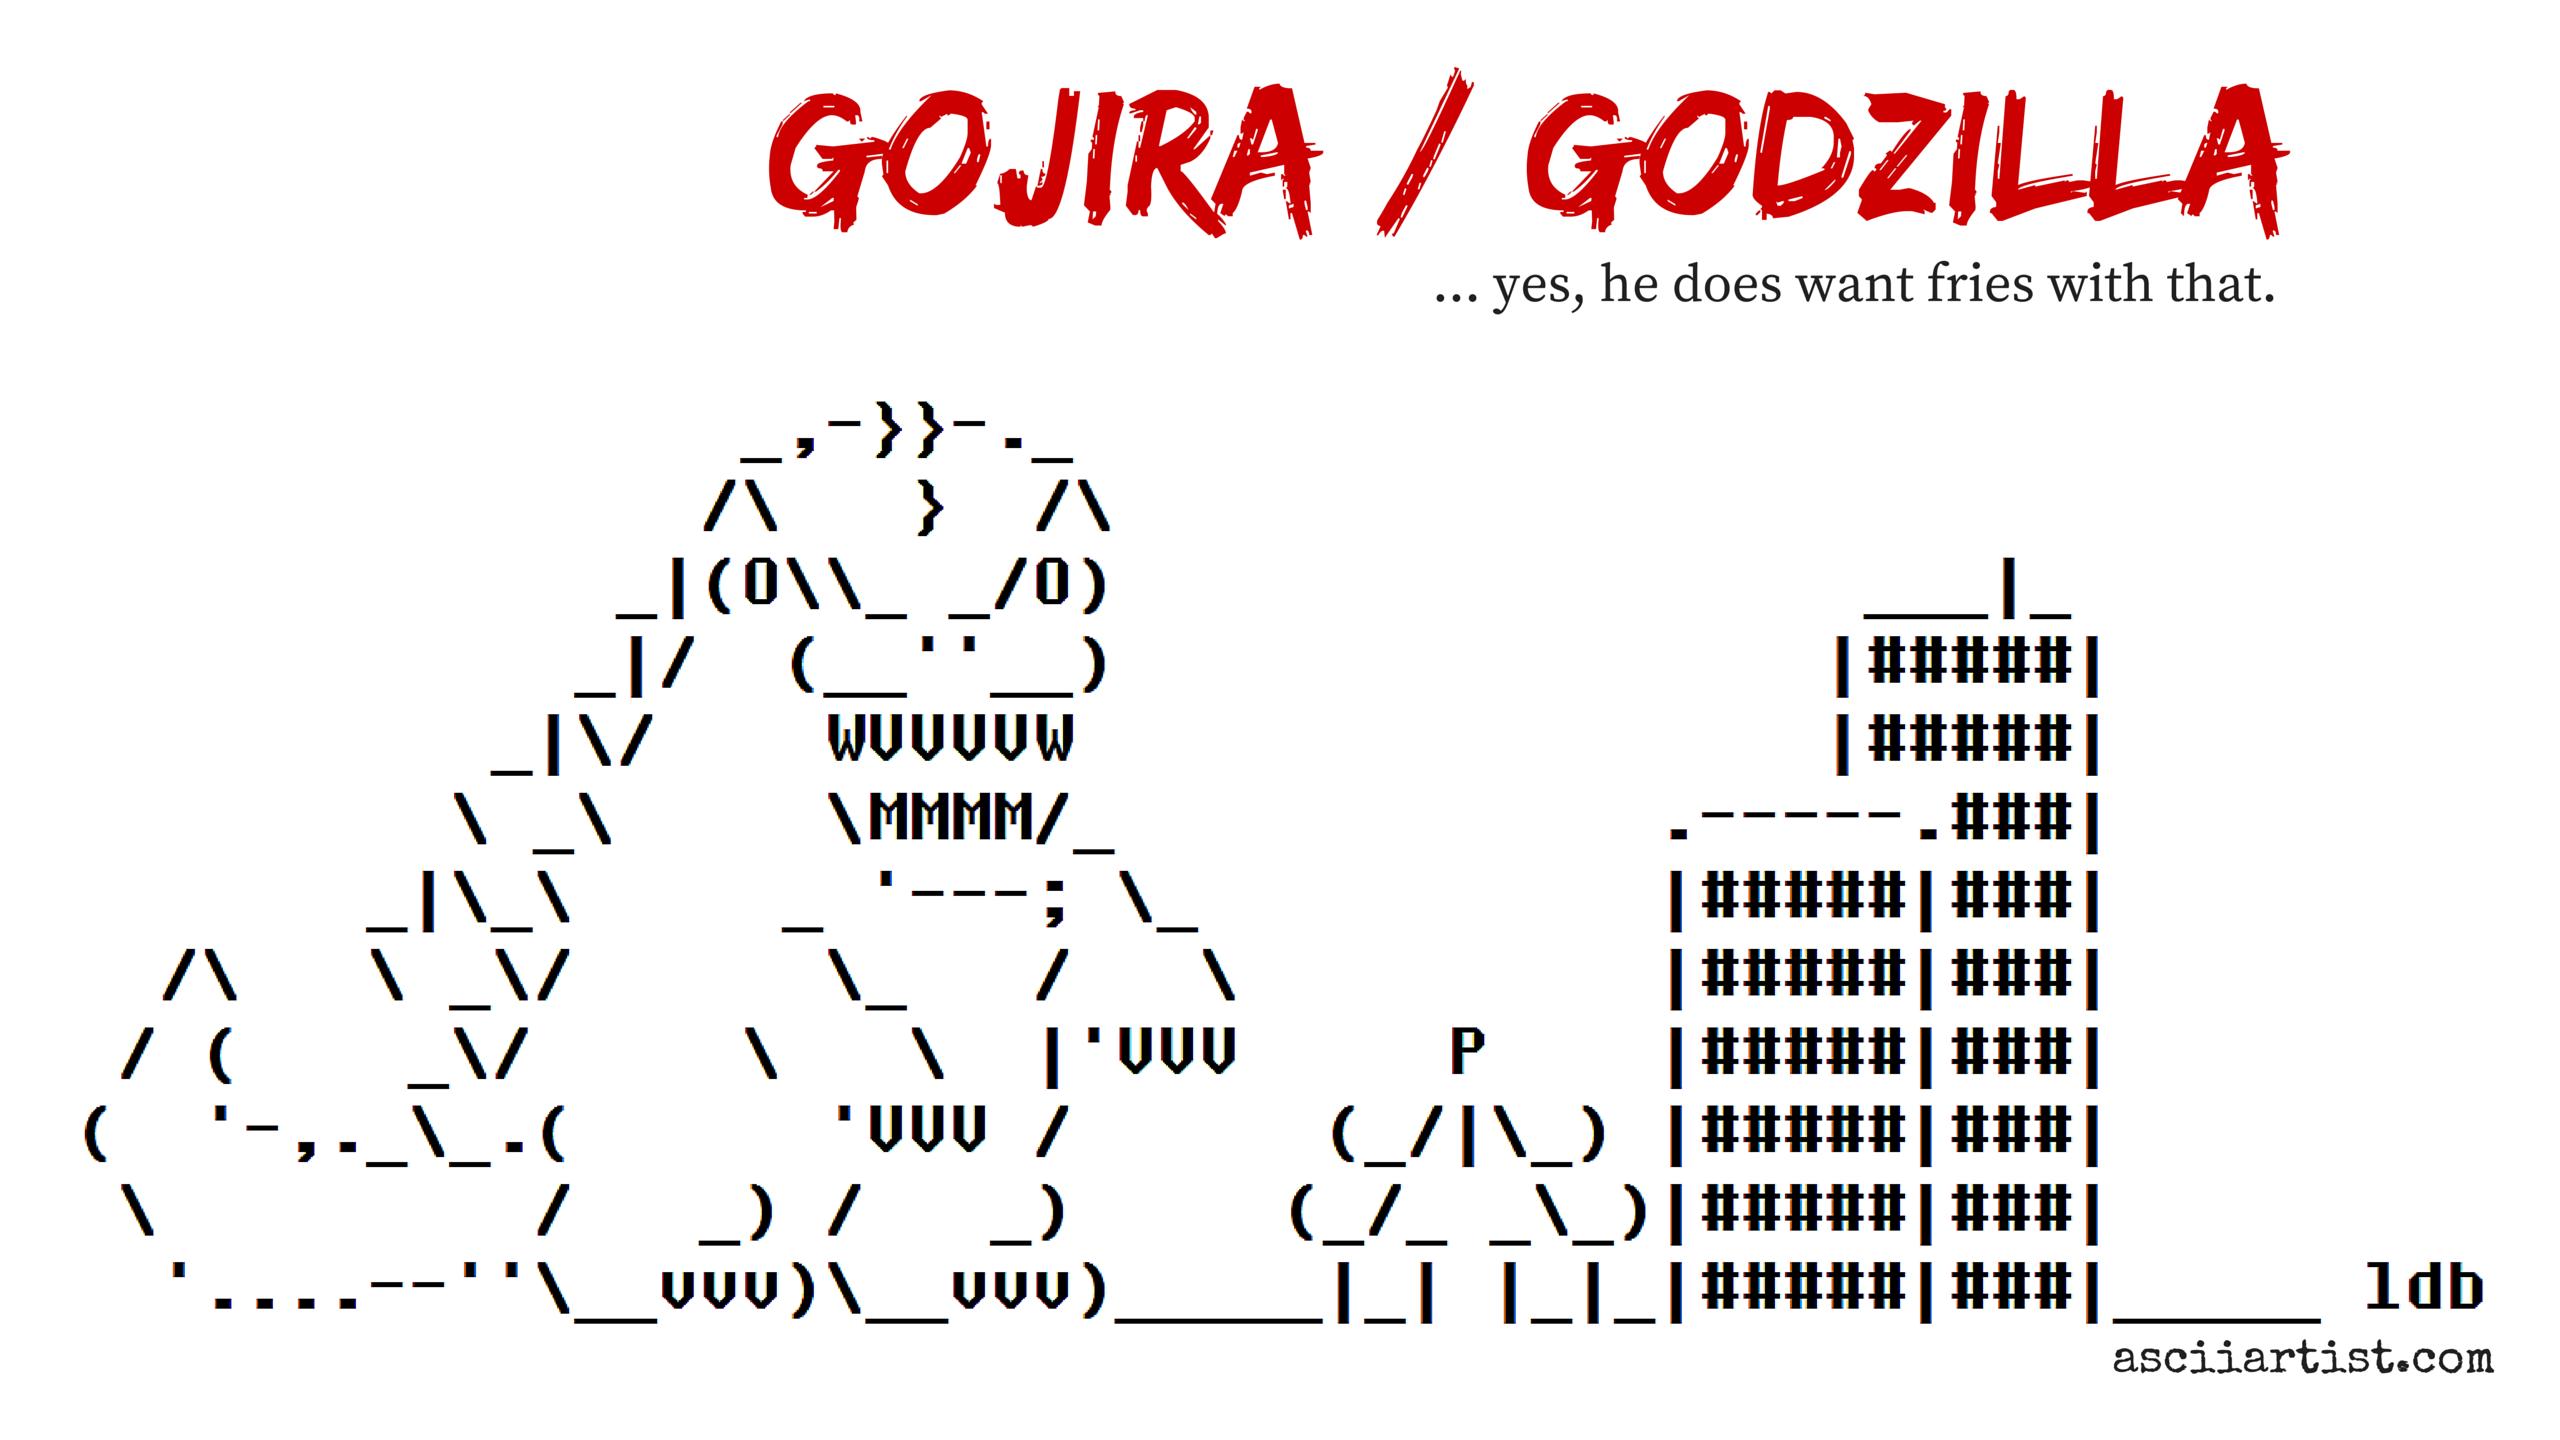 Godzilla in ASCII Art